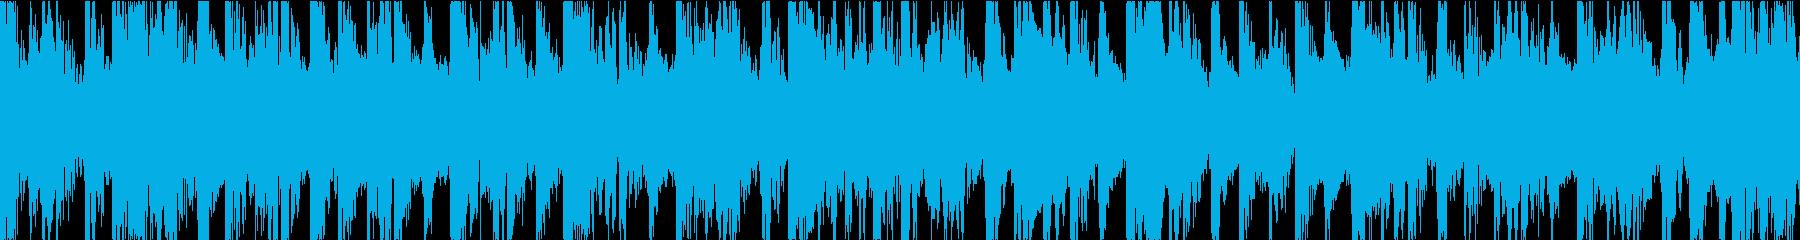 SE05 ダークの再生済みの波形